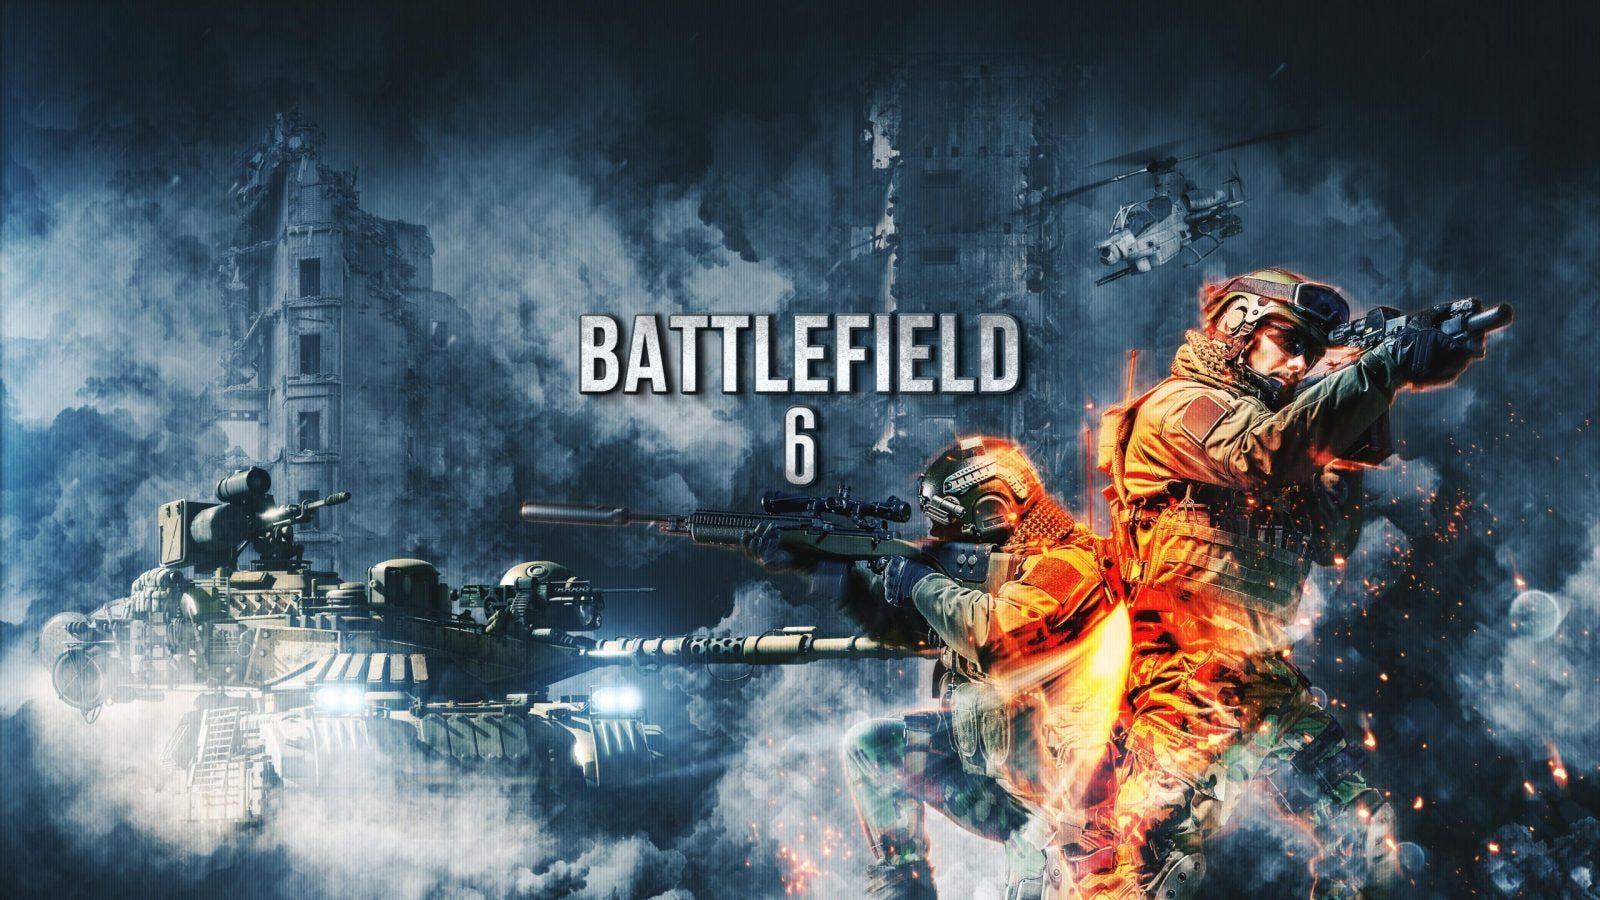 mapas multijugador de Battlefield 6 serán enormes